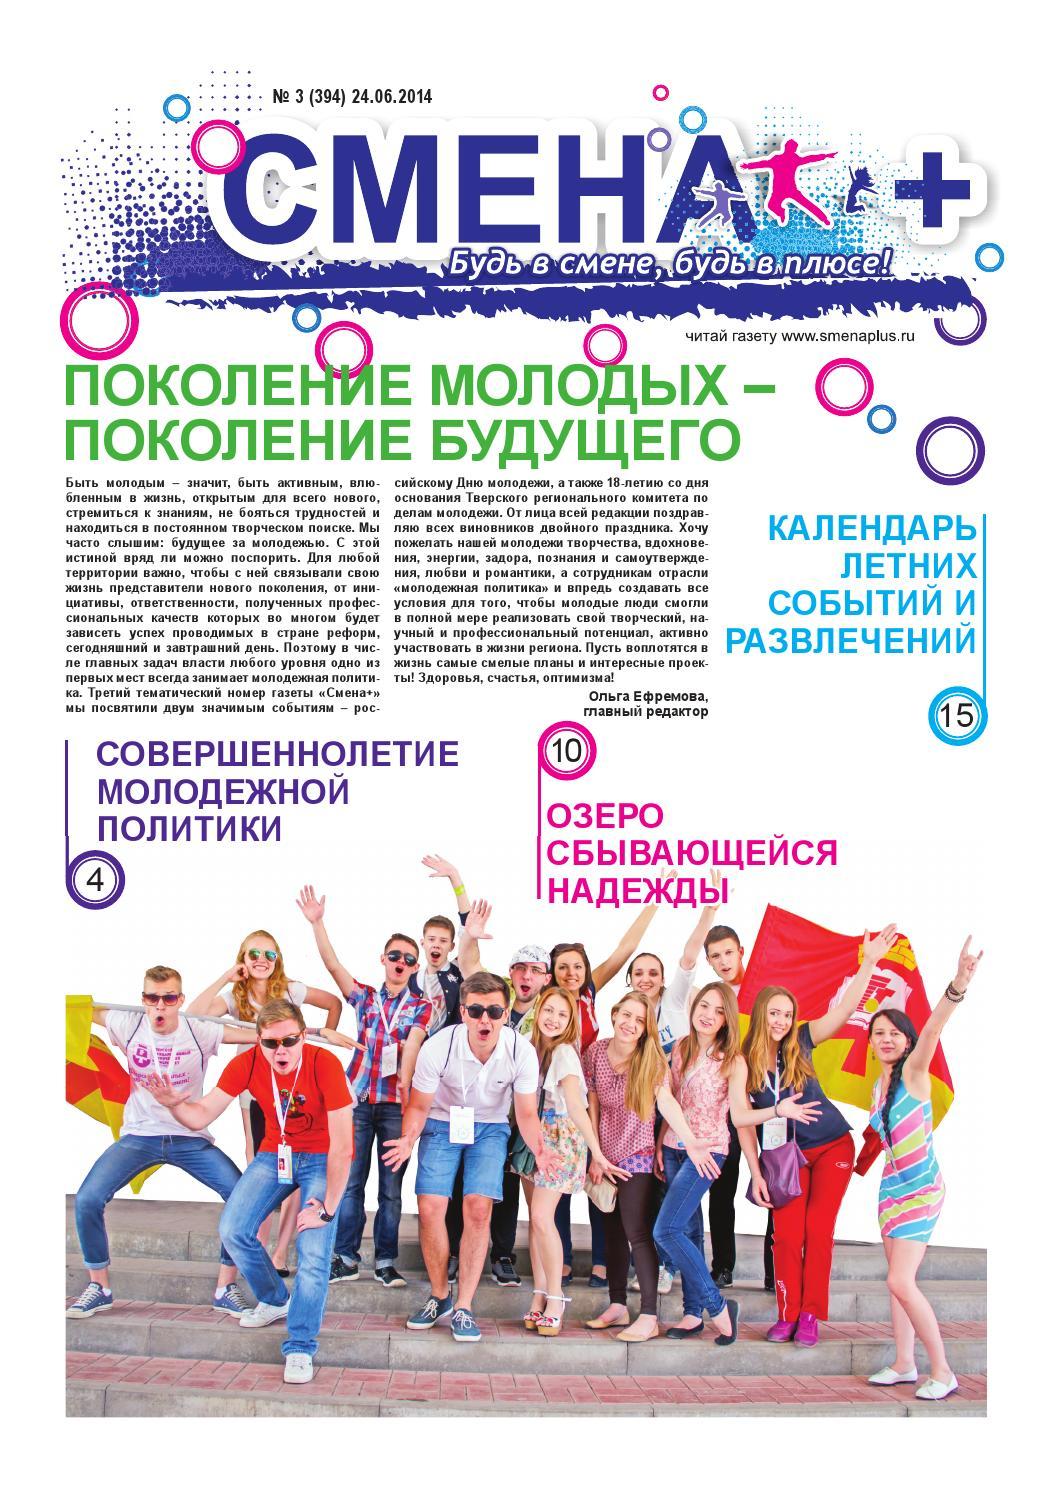 Фан дей курск официальный сайт каталог товаров курск